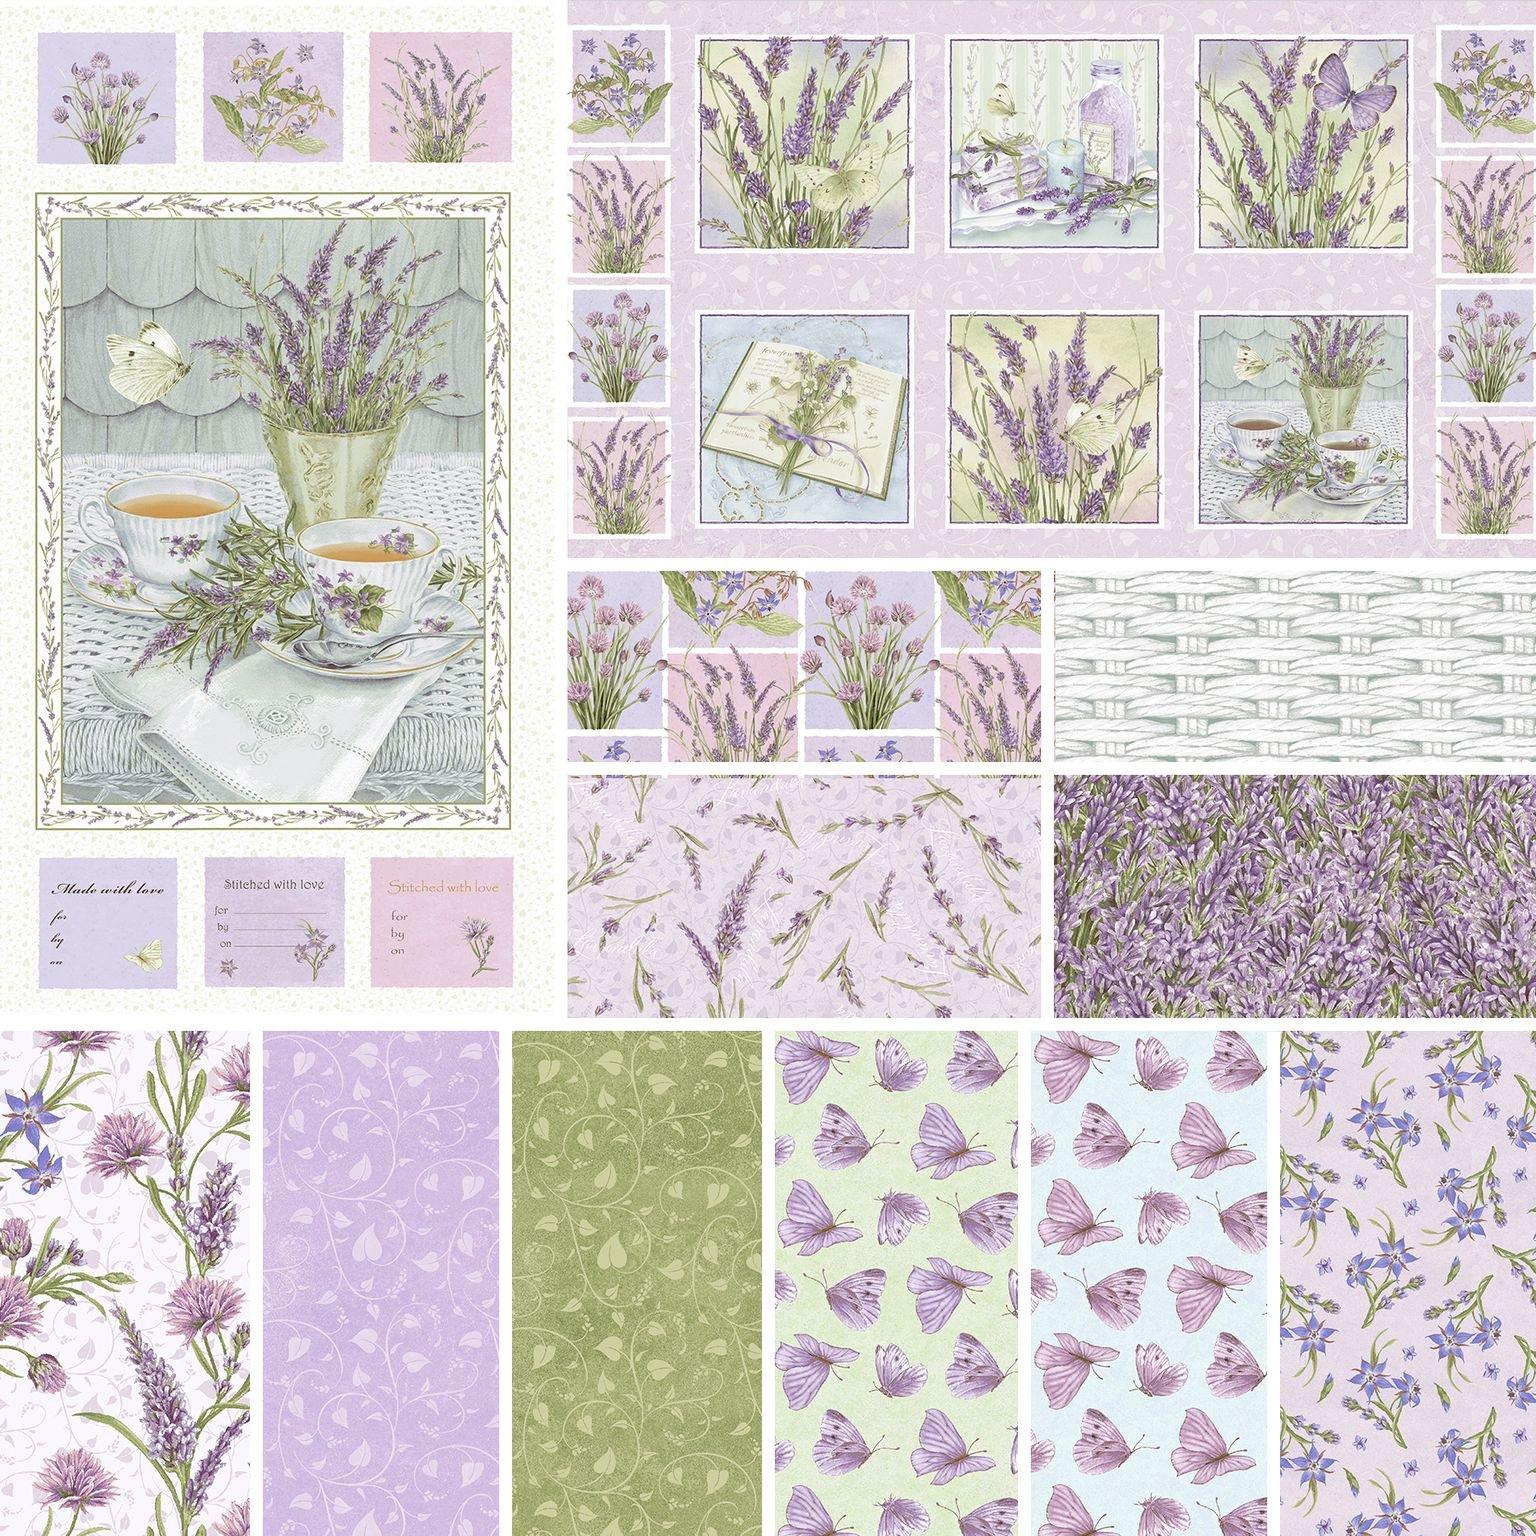 HG-Lavender Garden 12 Yard Case Pack